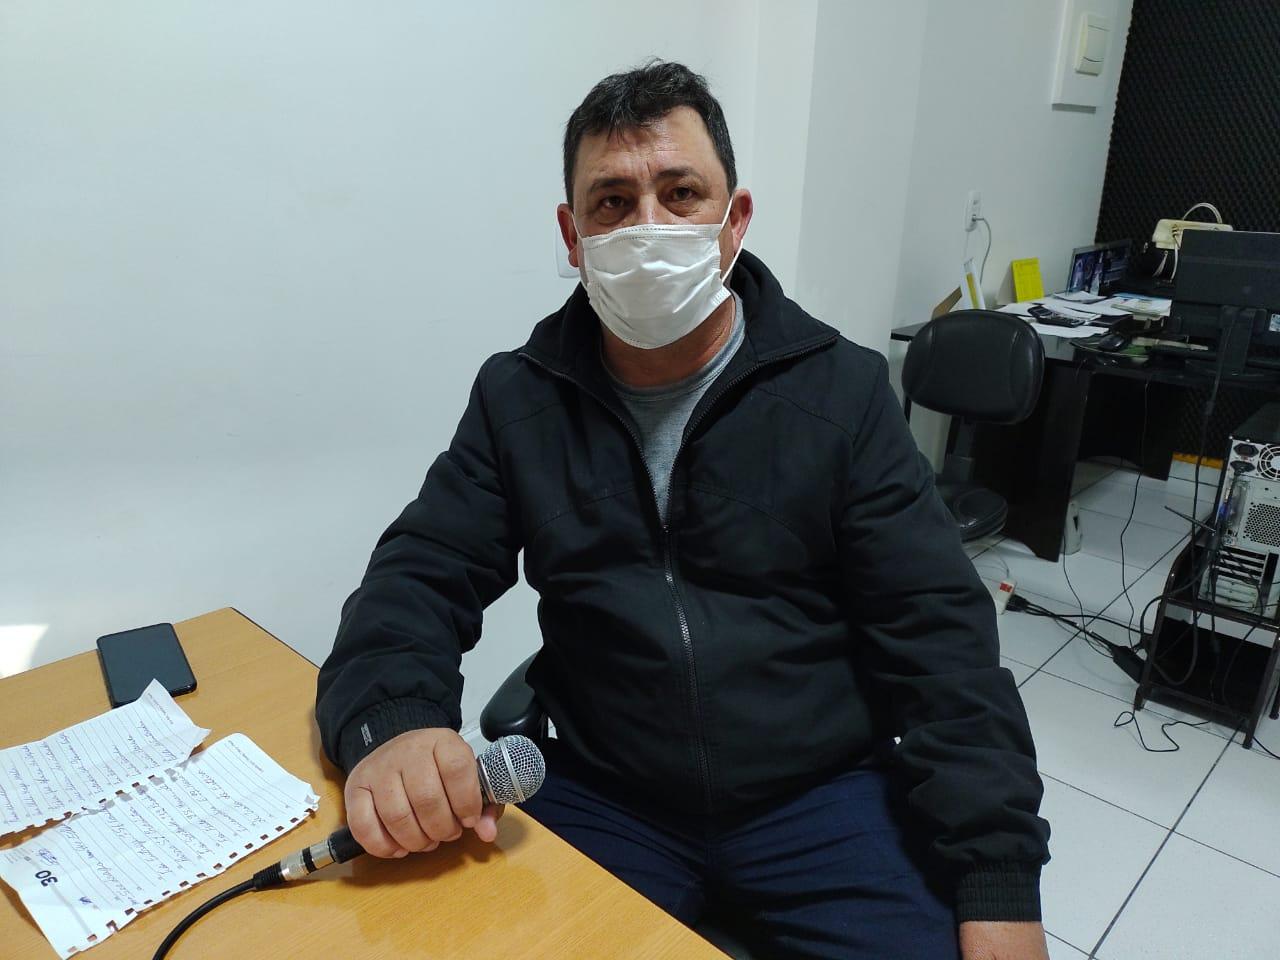 Secretário de Obras faz relato dos trabalhos no município de Arroio do Tigre